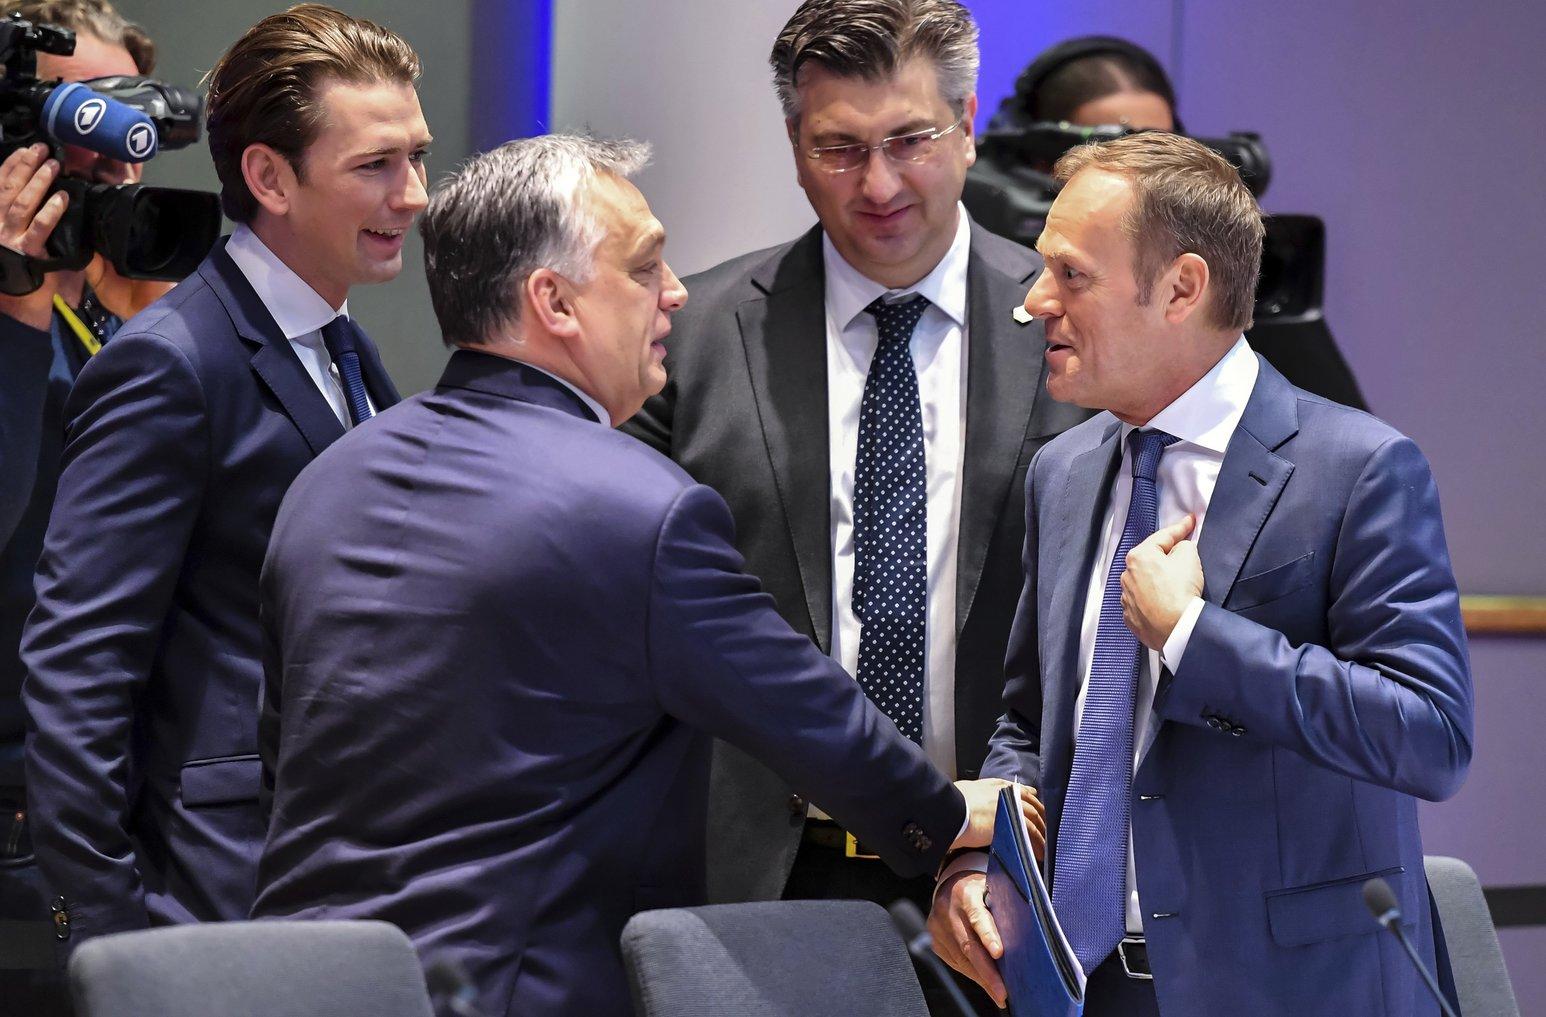 Sebastian Kurz osztrák kancellár, Orbán Viktor miniszterelnök, Andrej Plenkovic horvát kormányfő és Donald Tusk, az Európai Tanács elnöke (b-j) az Európai Unió tagállamai kétnapos állam- és kormányfői csúcstalálkozójának második napi ülésén Brüsszelben 2018. március 23-án. (MTI/AP pool/Geert Vanden Wijngaert)